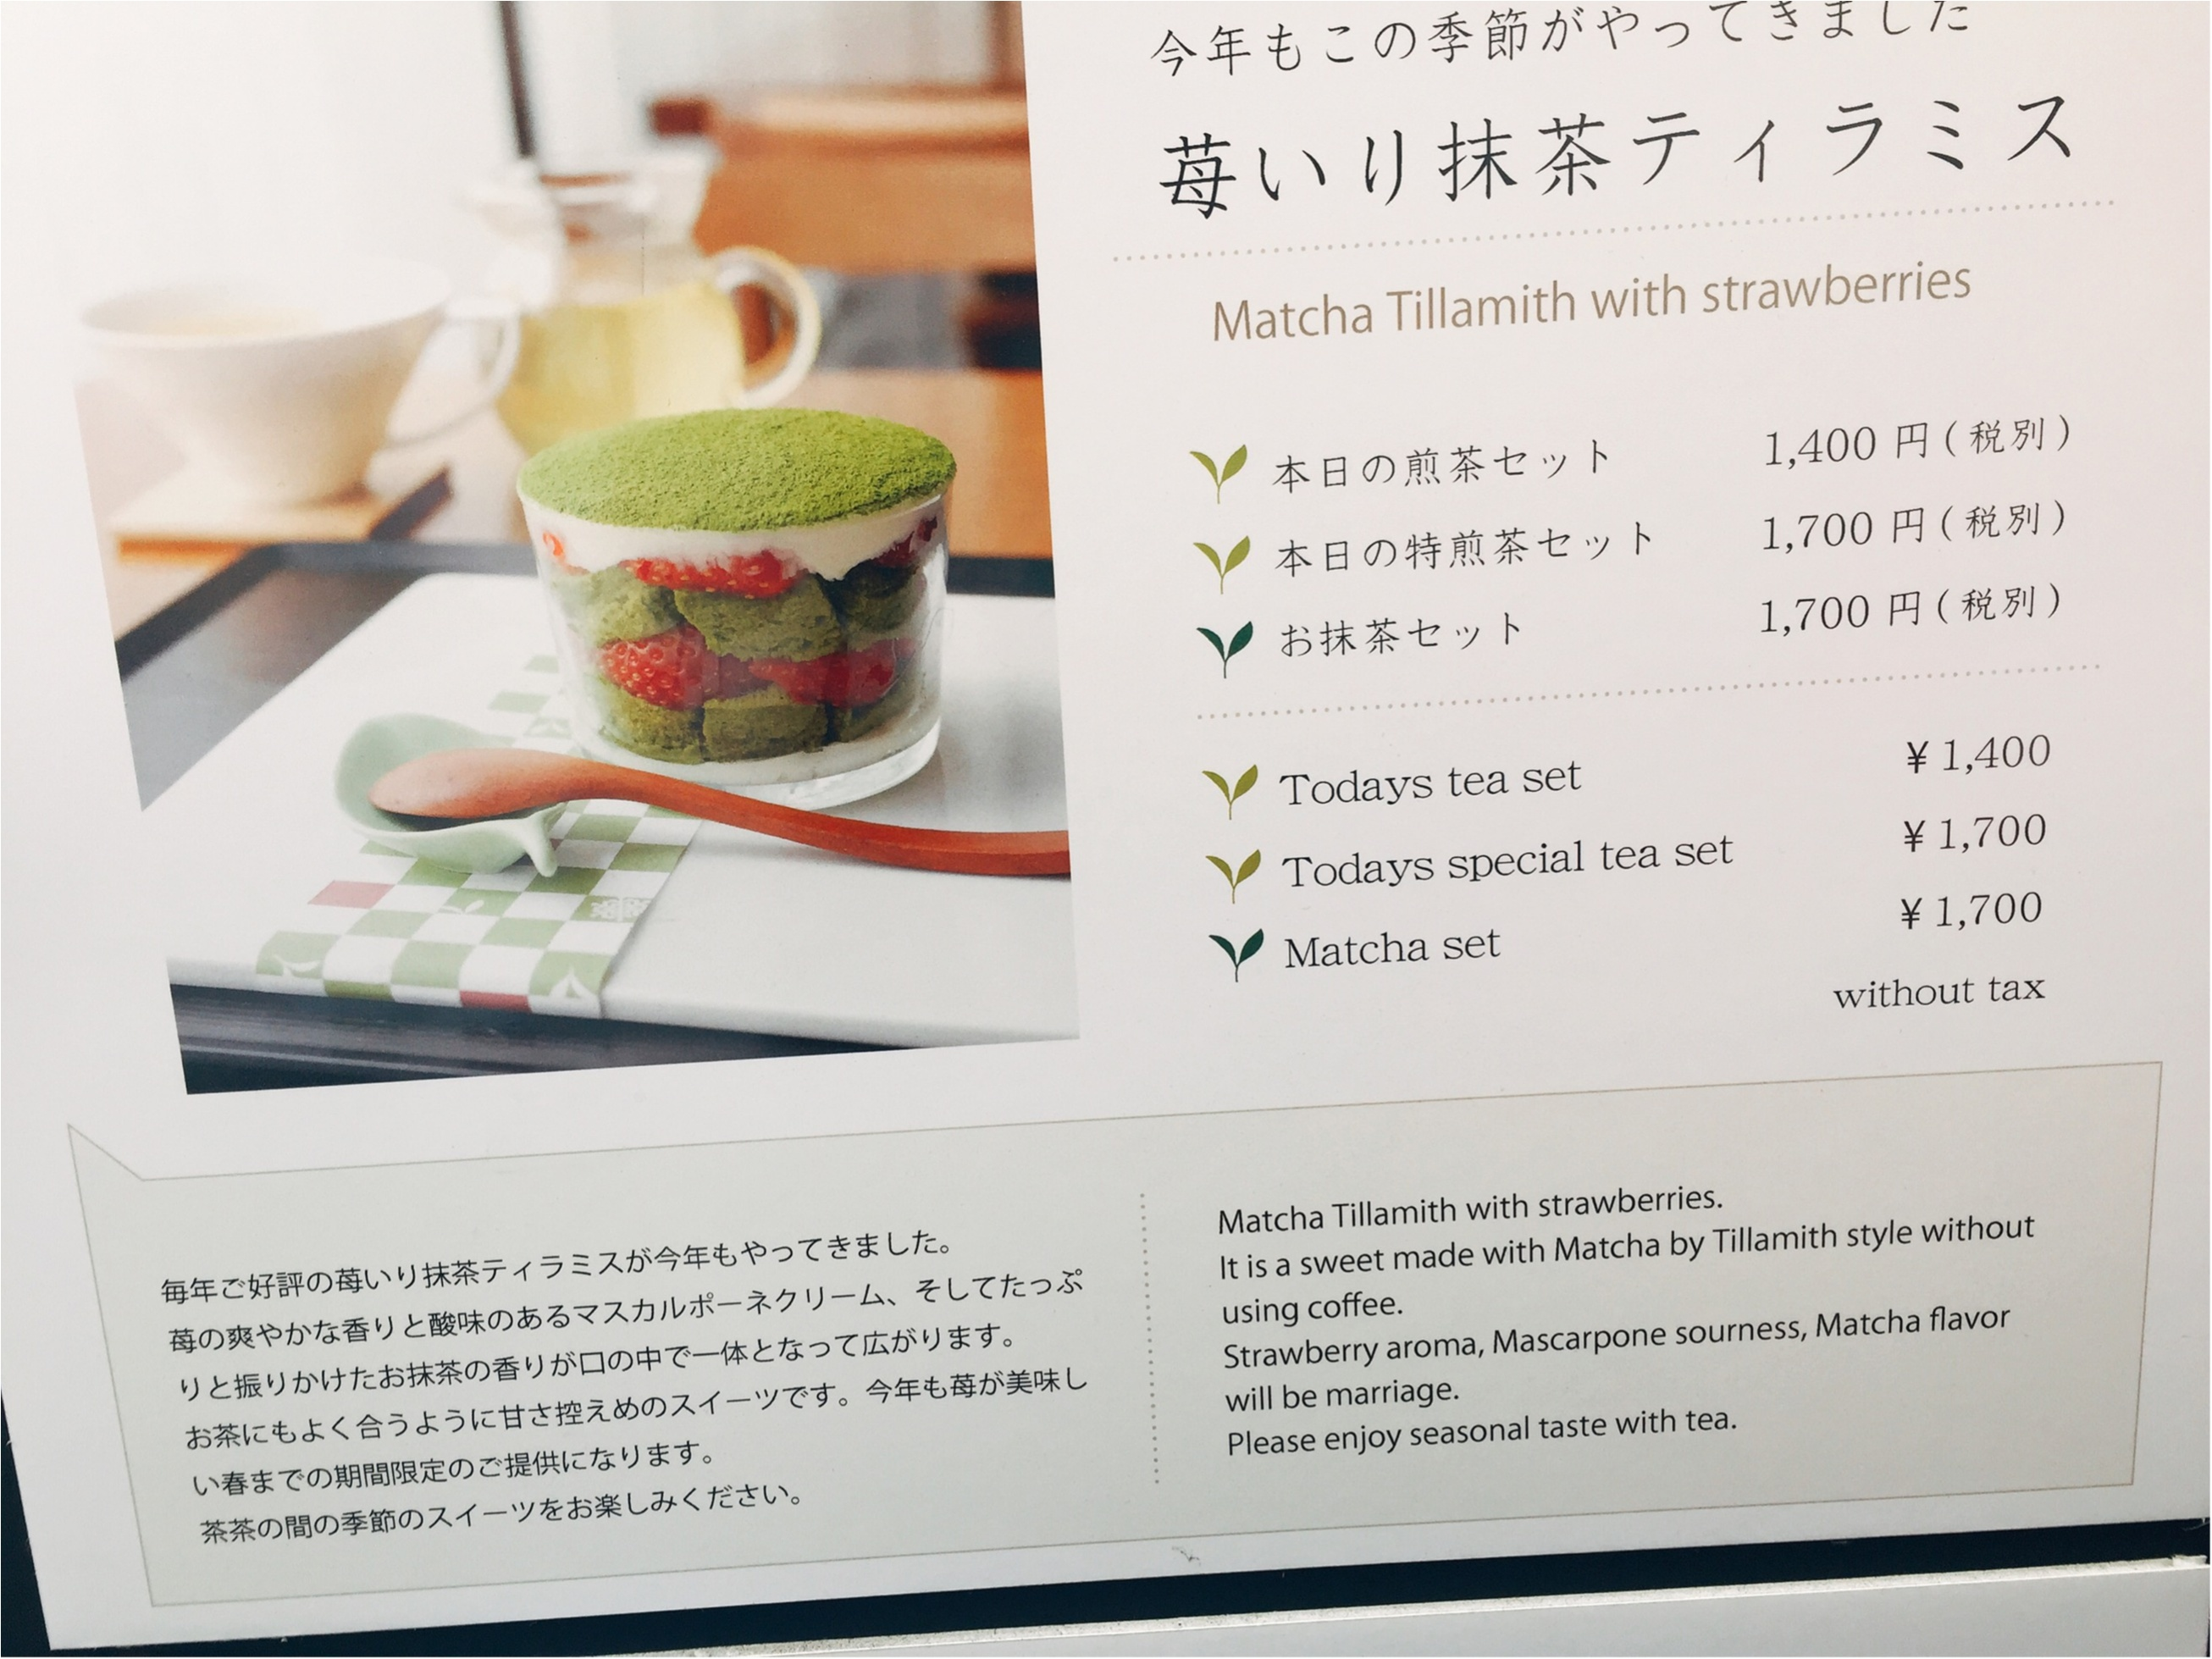 【表参道】日本茶が楽しめるカフェ♡期間限定《苺いり抹茶ティラミス》を食べに行きました♩_4